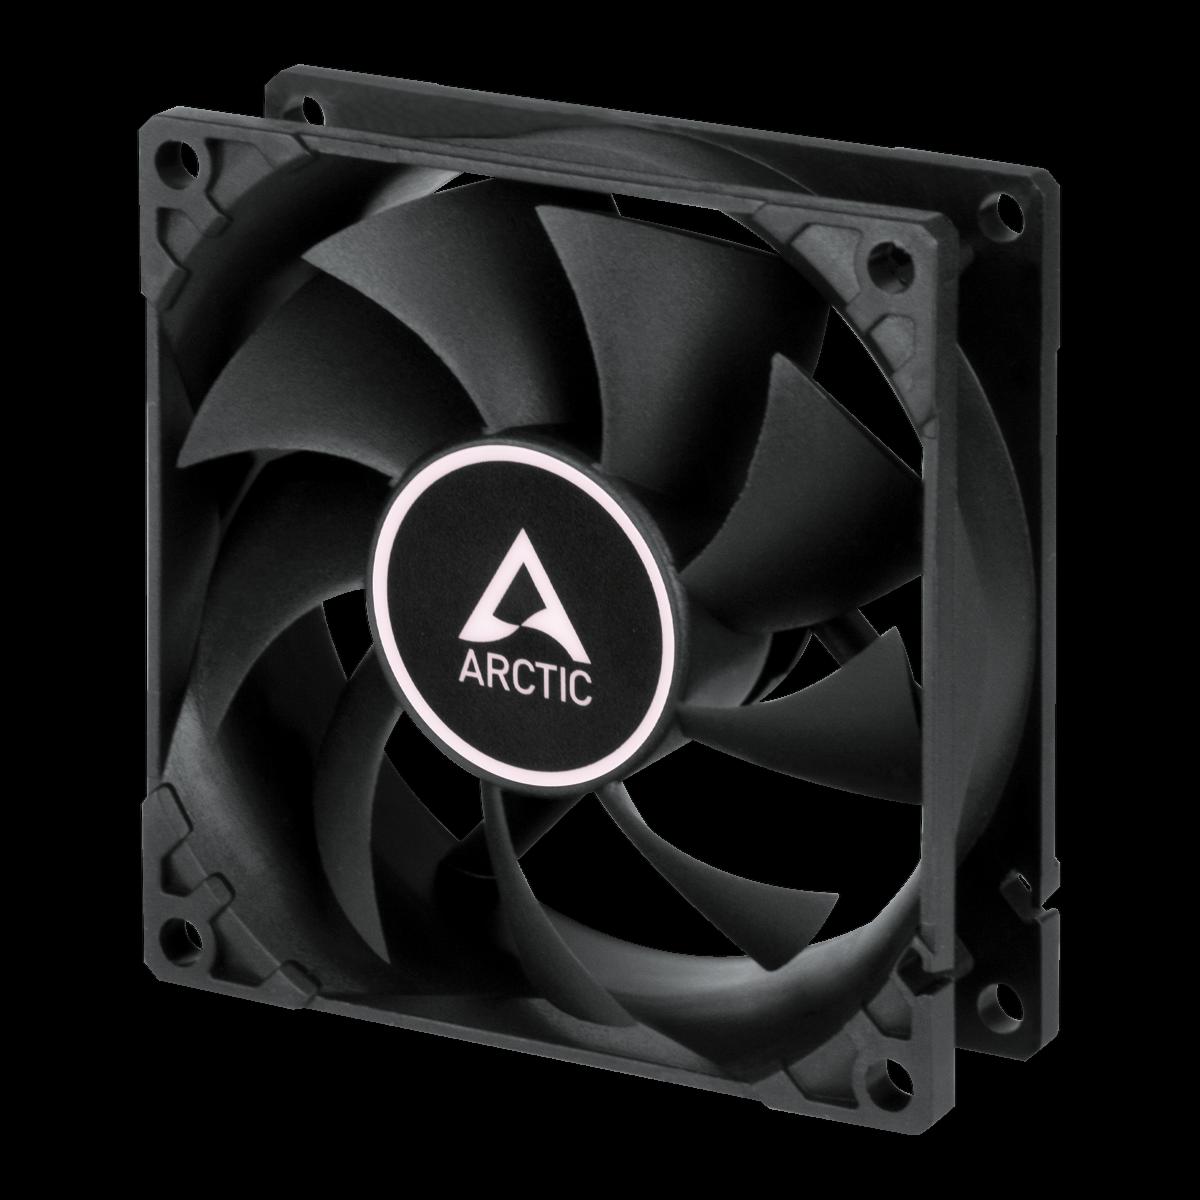 Arctic Cooling F9 PWM PST 92mm Black Case PC Fan 1800 RPM, 43 CFM